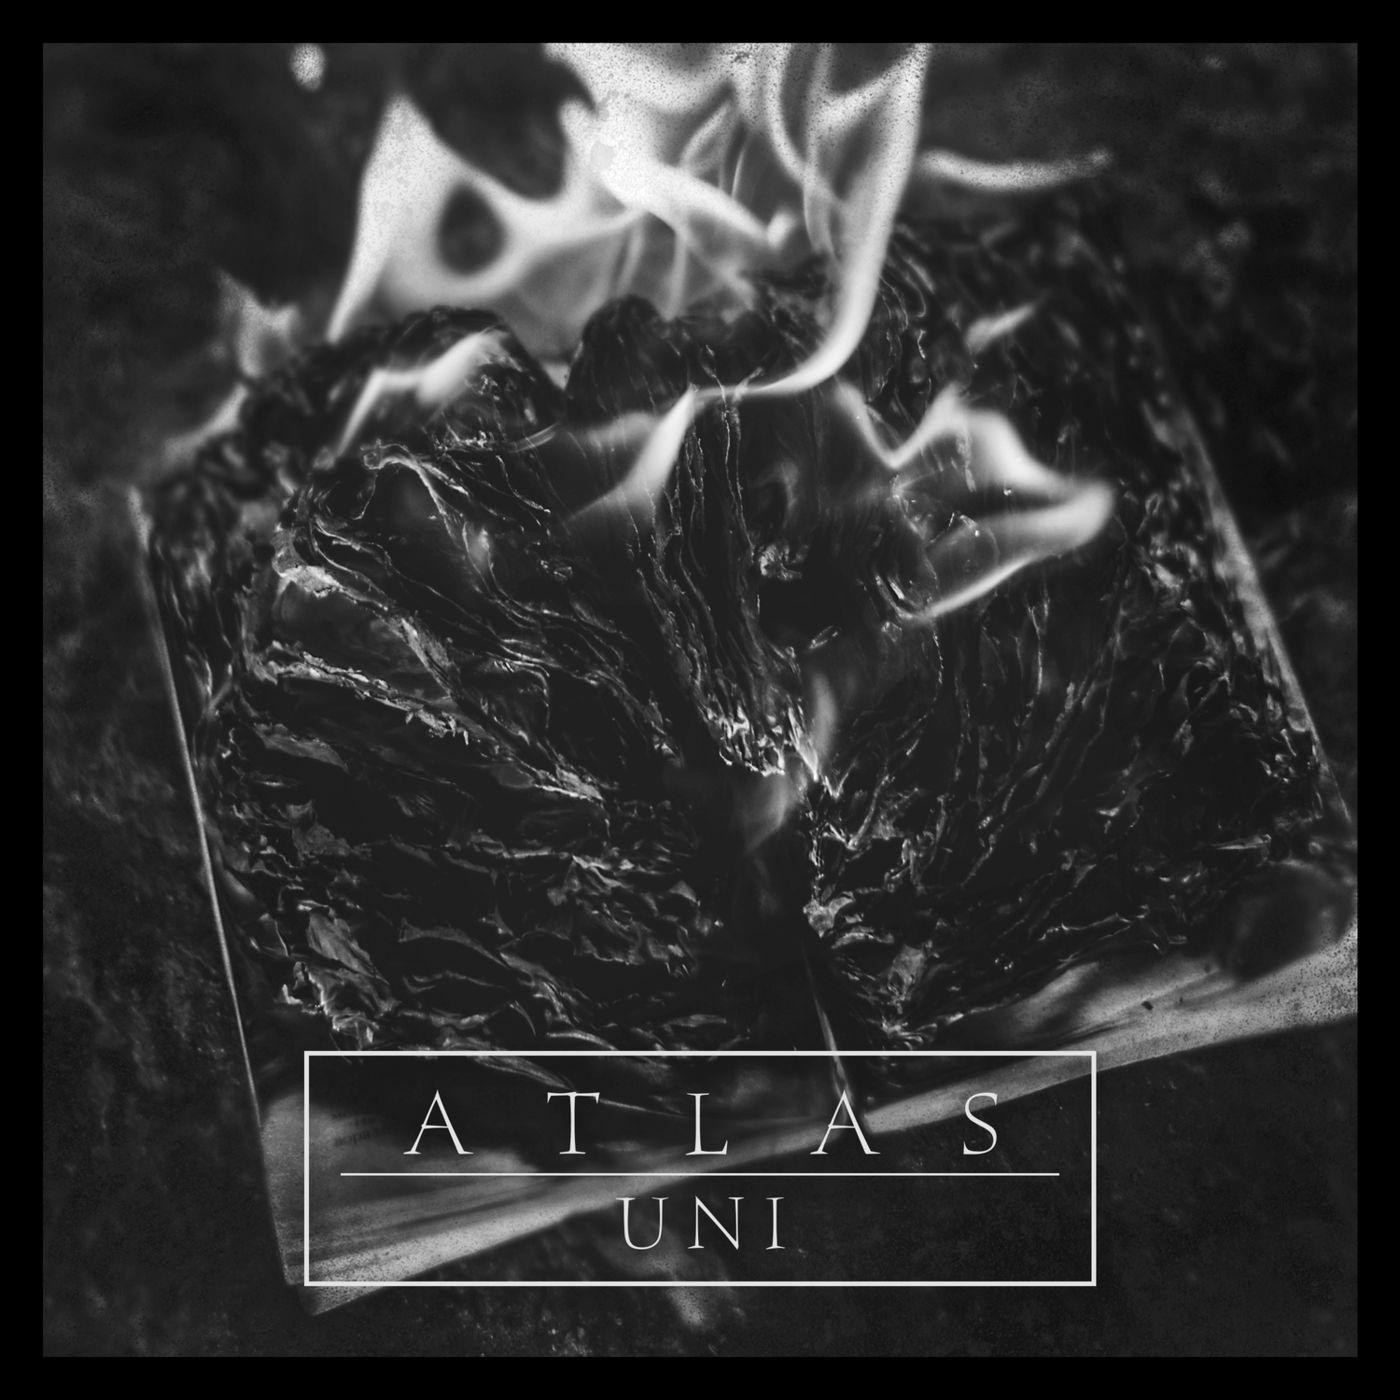 Atlas - Uni [single] (2019)